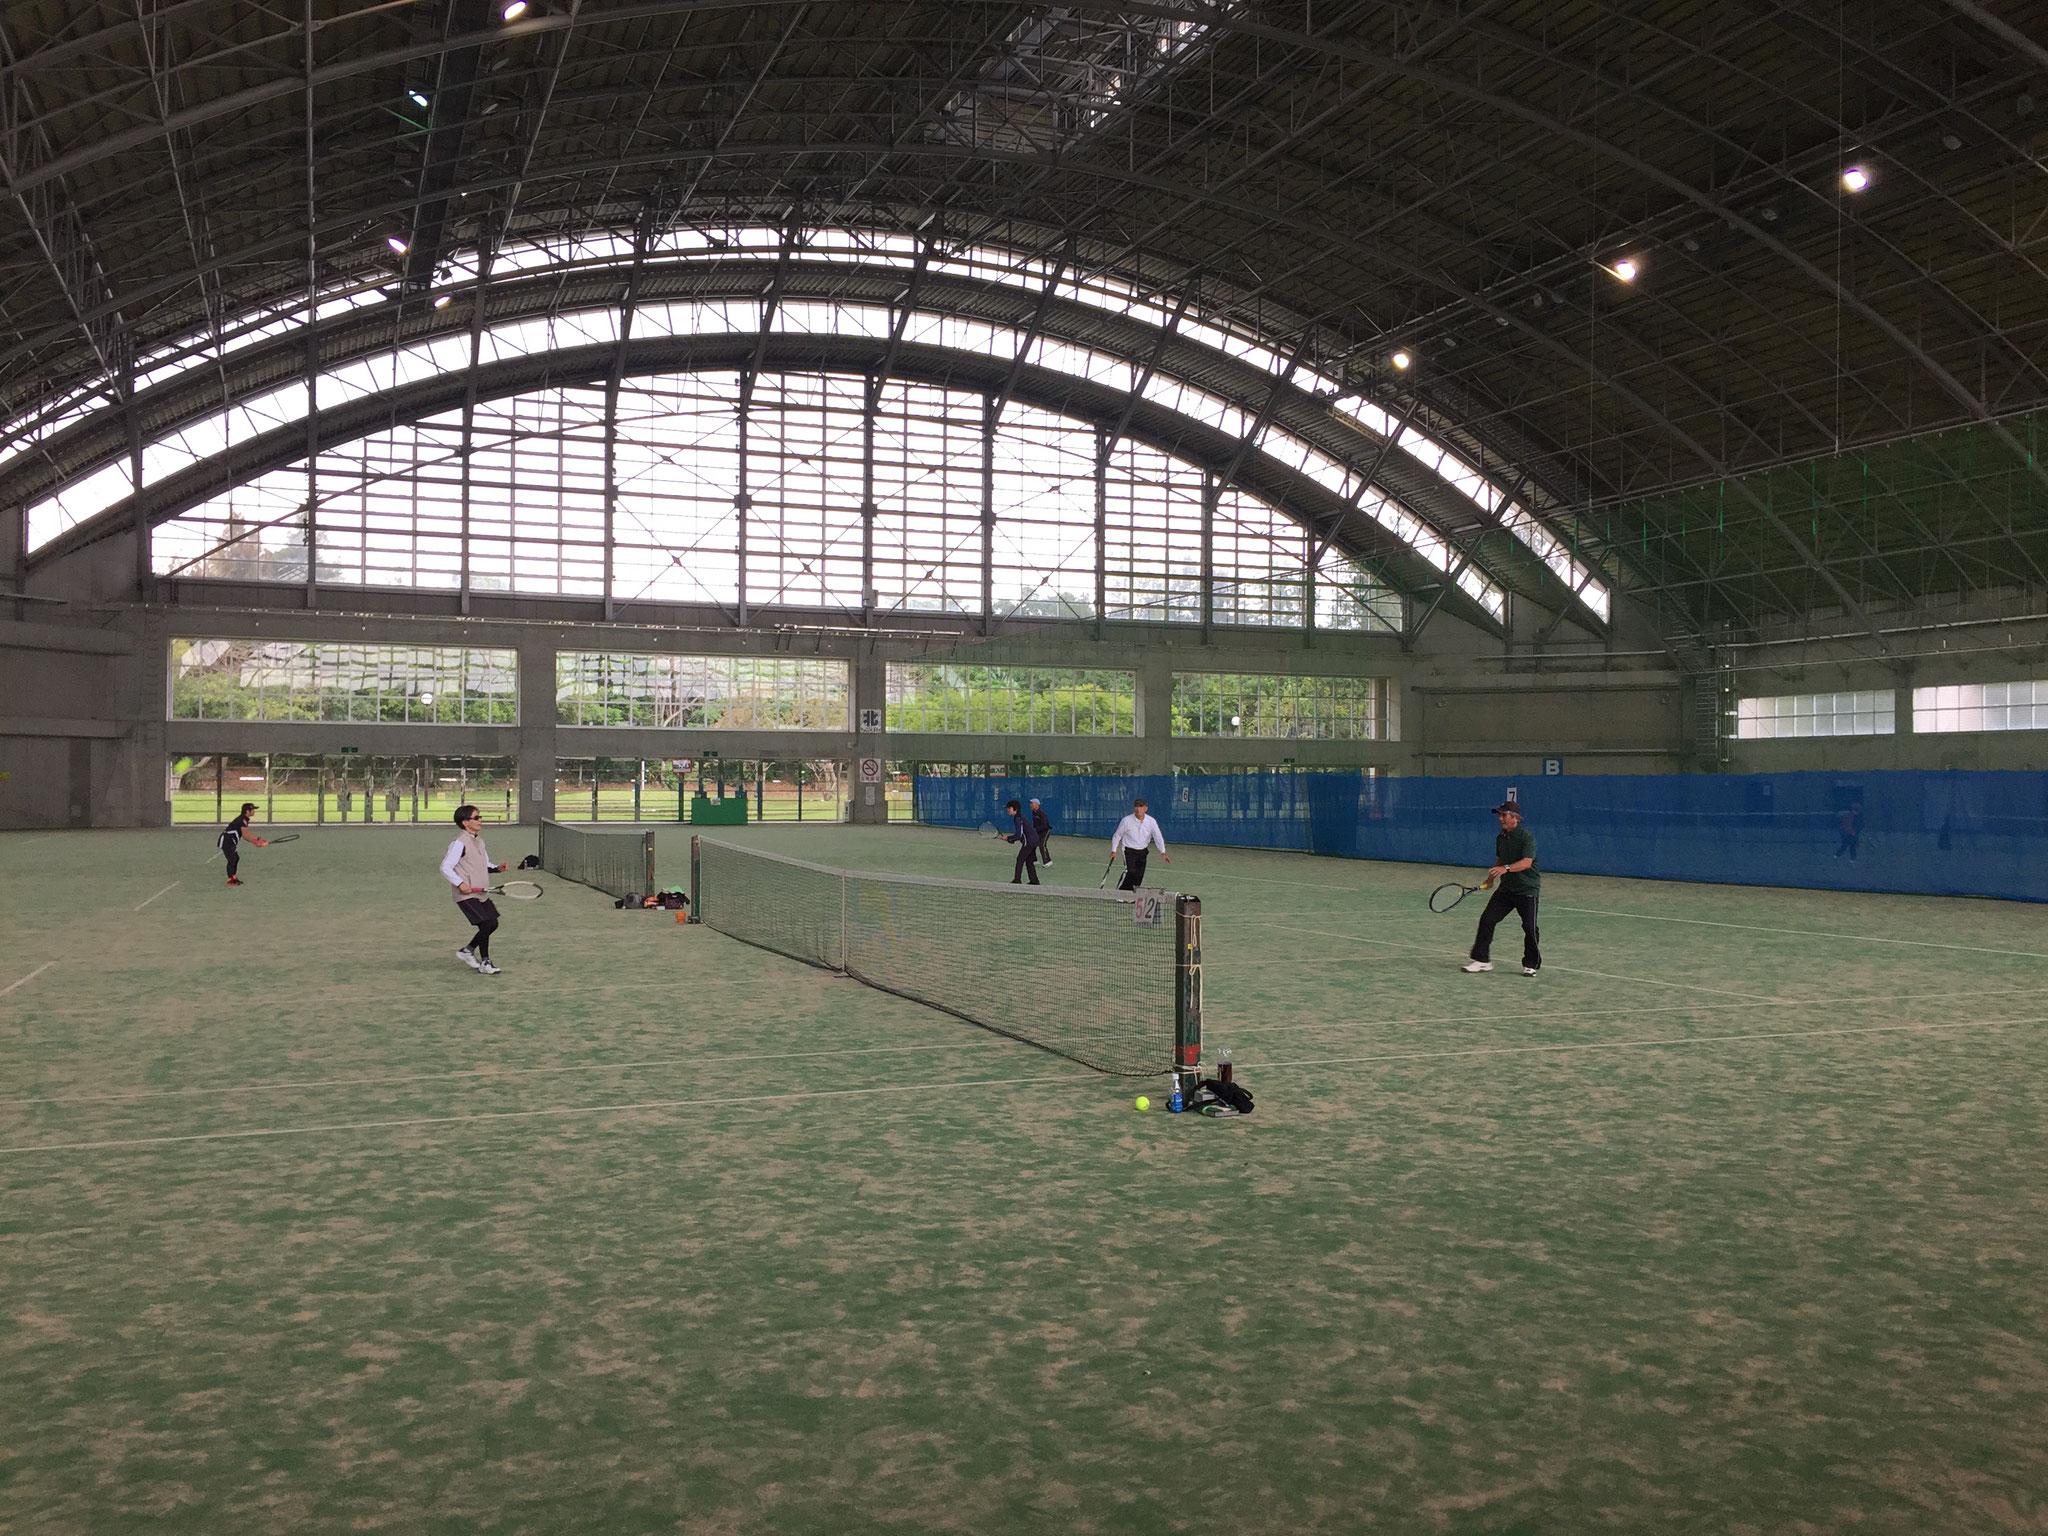 第47回沖縄県シニアテニス連盟親睦オープンテニス大会の会場(宜野湾市レクドーム)